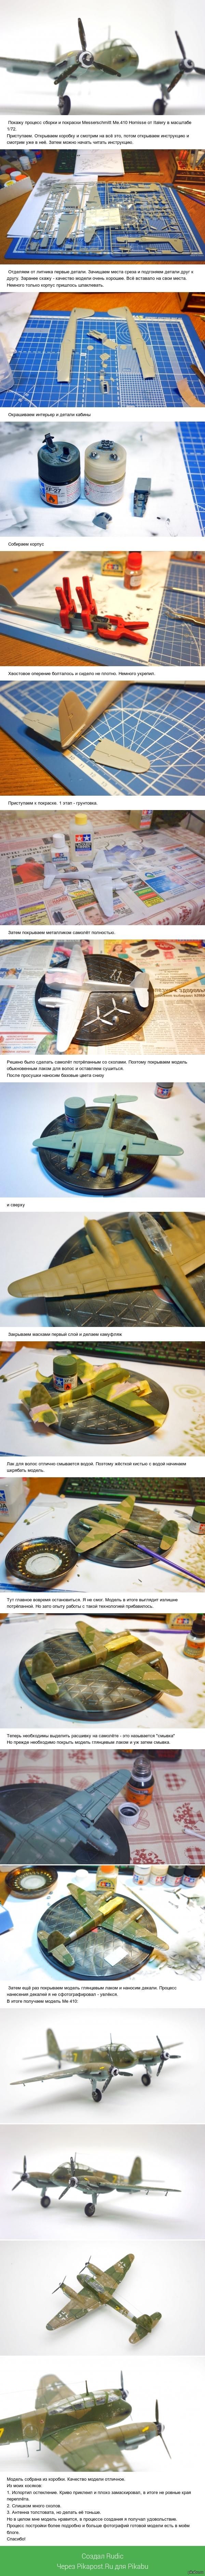 Сборная масштабная модель Me 410 ''Hornisse'' Небольшой обзор процесса сборки и окраски сборной масштабной модели Messerschmitt Me.410 Hornisse от Italery в масштабе 1/72. И фотографии готовой модели.